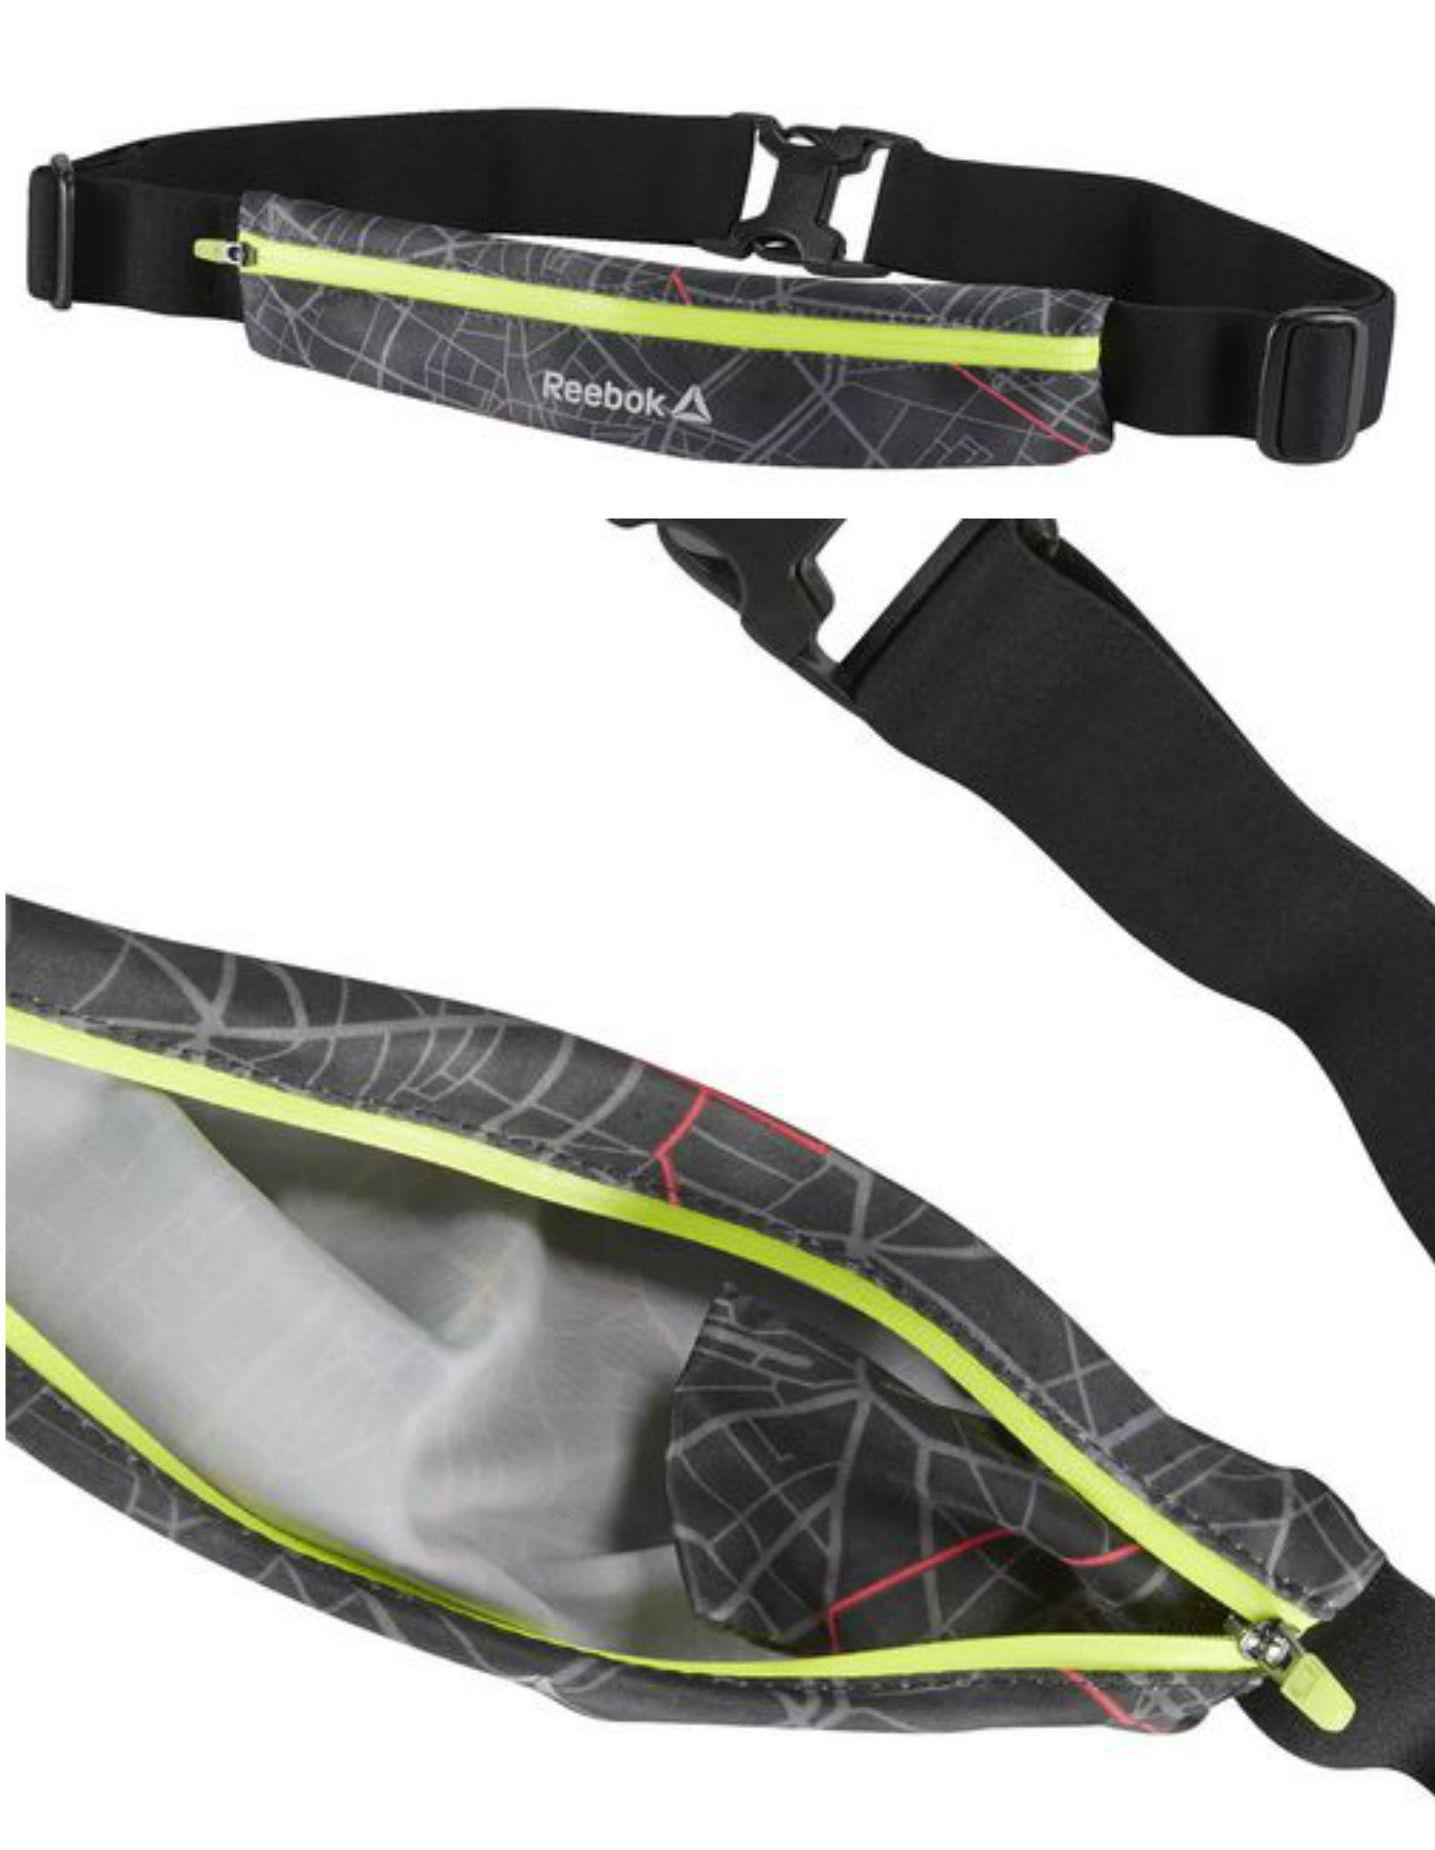 Обзор не гаджета. Выбираем лучший чехол для тренировок и другие аксессуары для смартфонов: повязки, сумки и силиконовый карман Adidas - 6